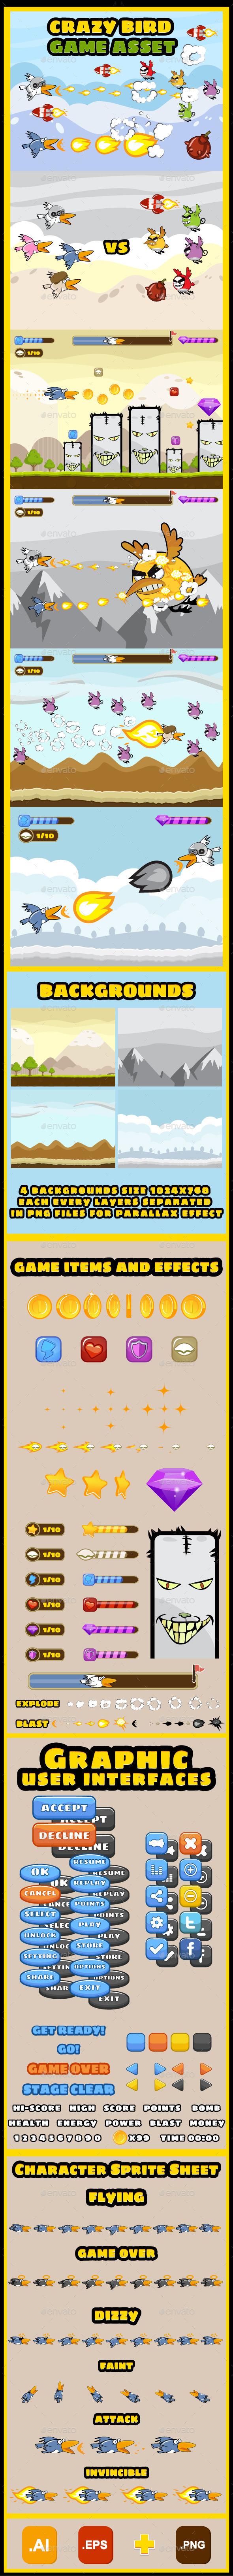 GraphicRiver Crazy Birds Game UI Kit 9094403